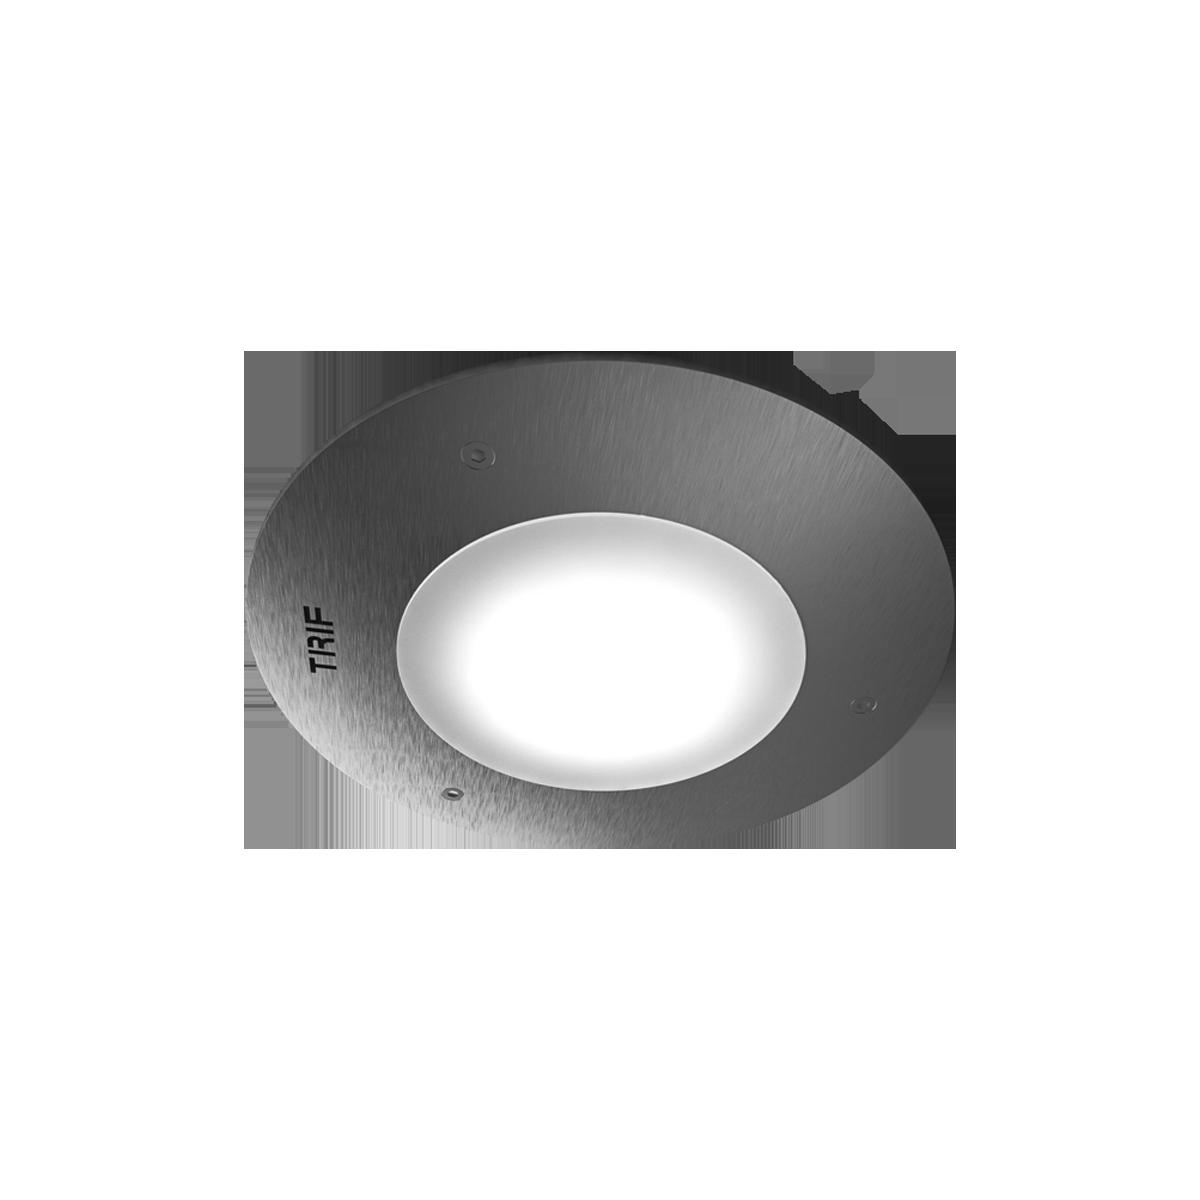 Встраиваемые светодиодные светильники TRIF GEIPEL ROUND